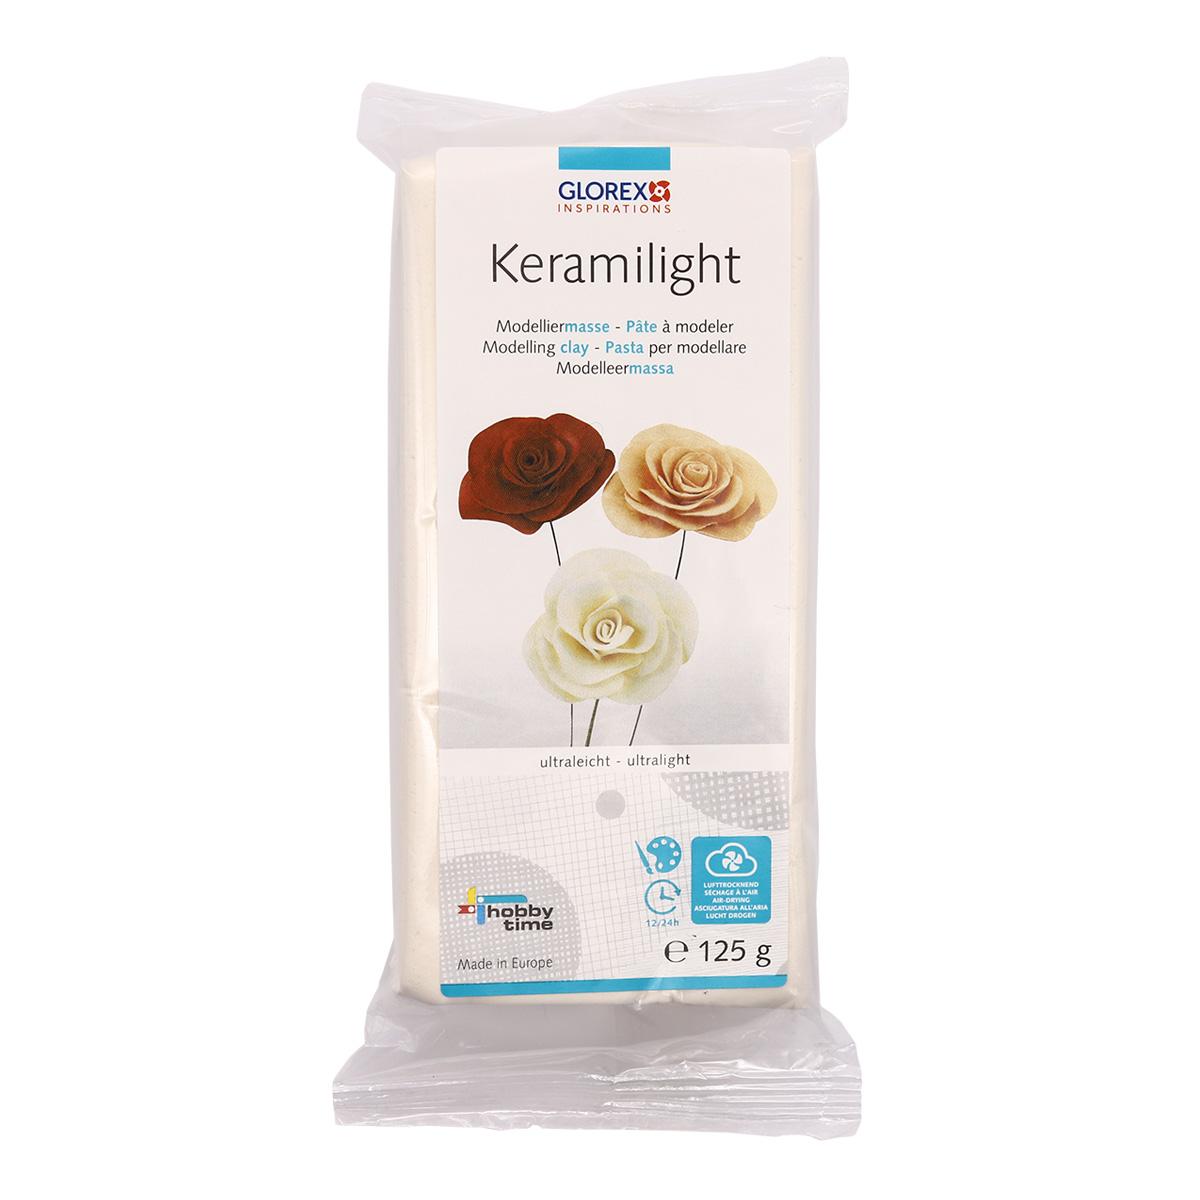 68070502 Пластика для цветов очень легкая Keramilight, белый цв., 125г Glorex